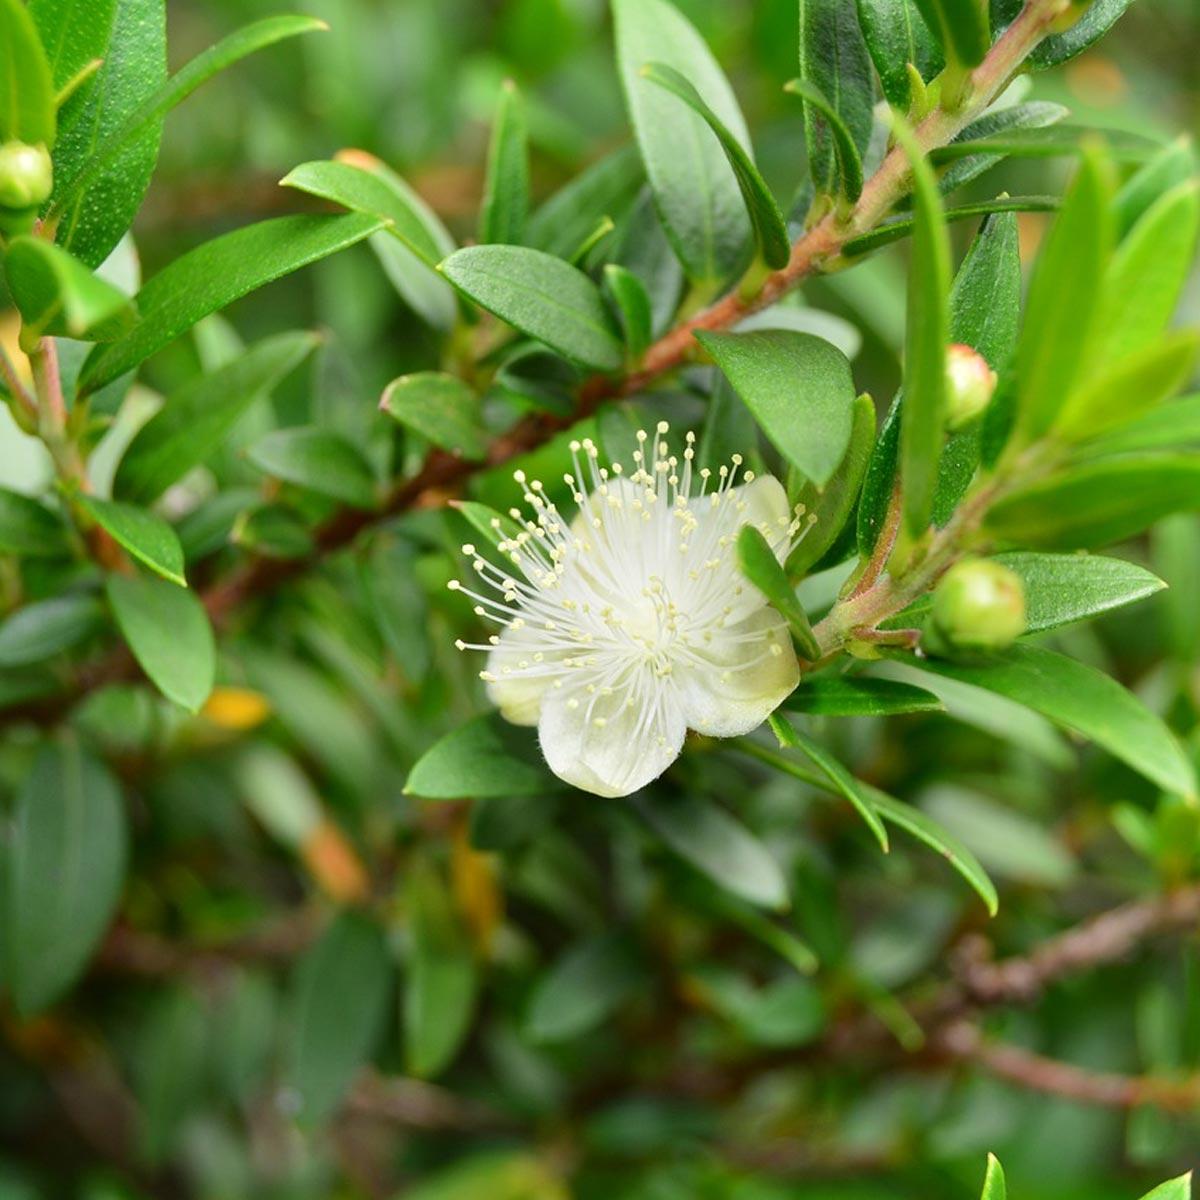 Arbustos mediterráneos ornamentales [Los 5 más decorativos] - Mirto